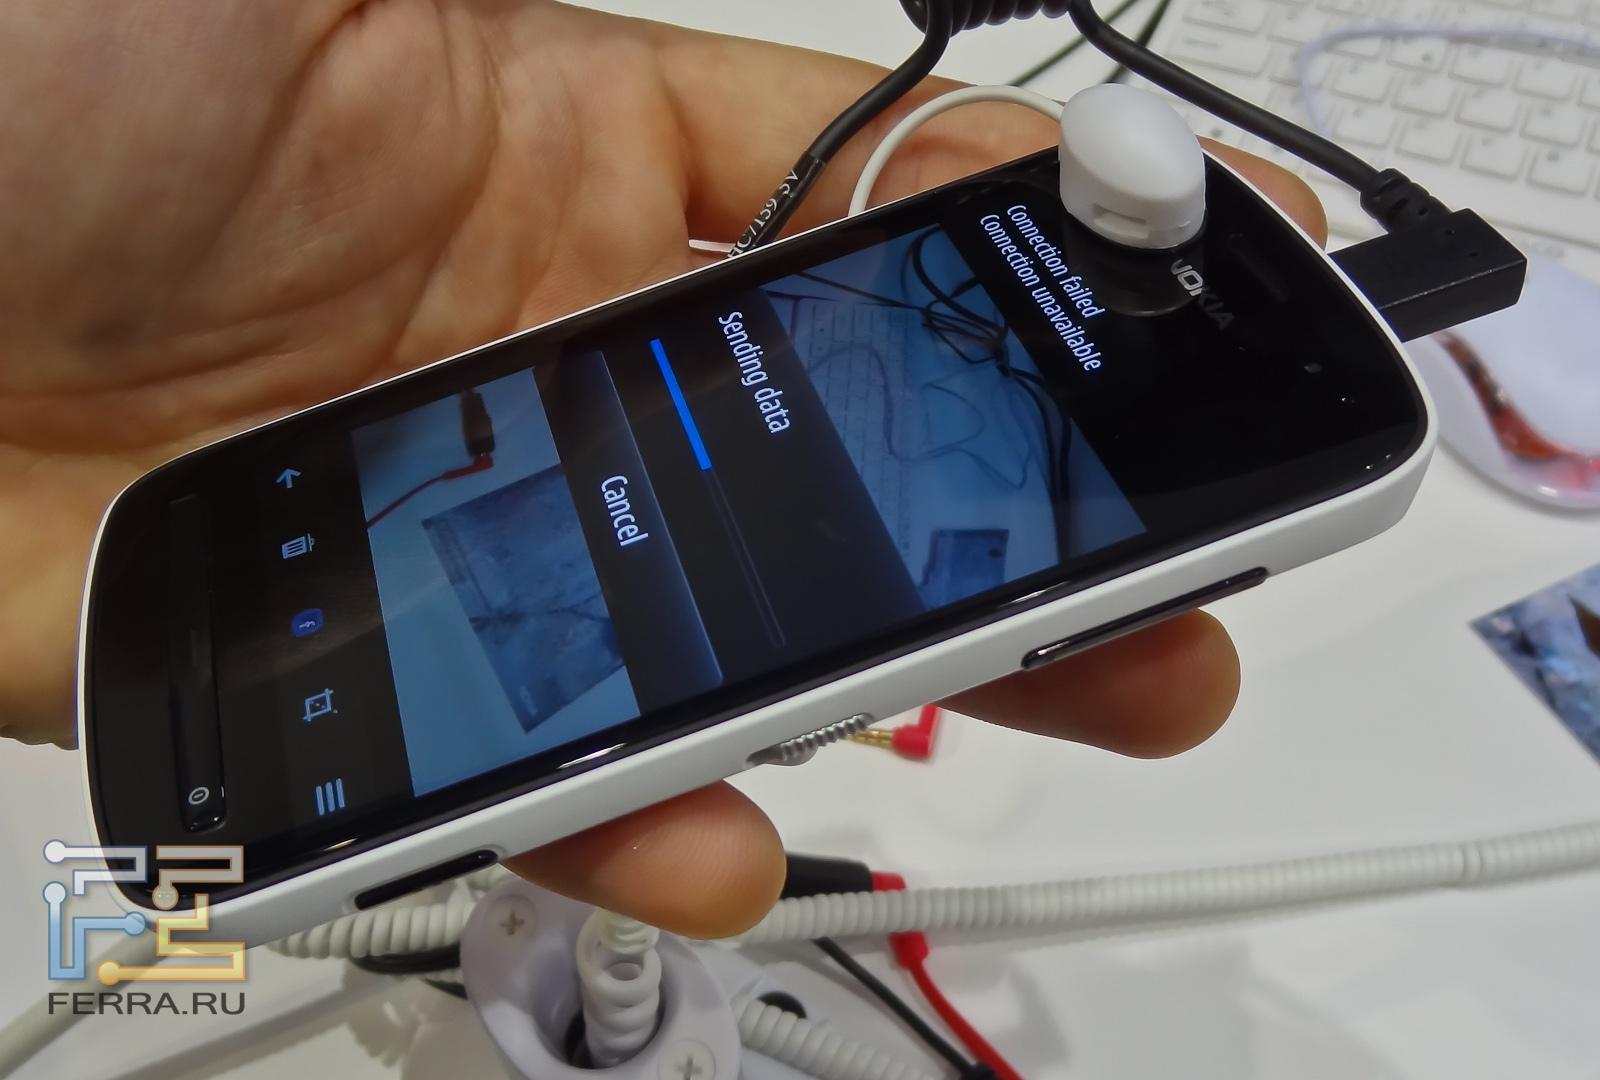 Nokia 808 Pureview — 41 Мегапиксель в сотовом телефоне